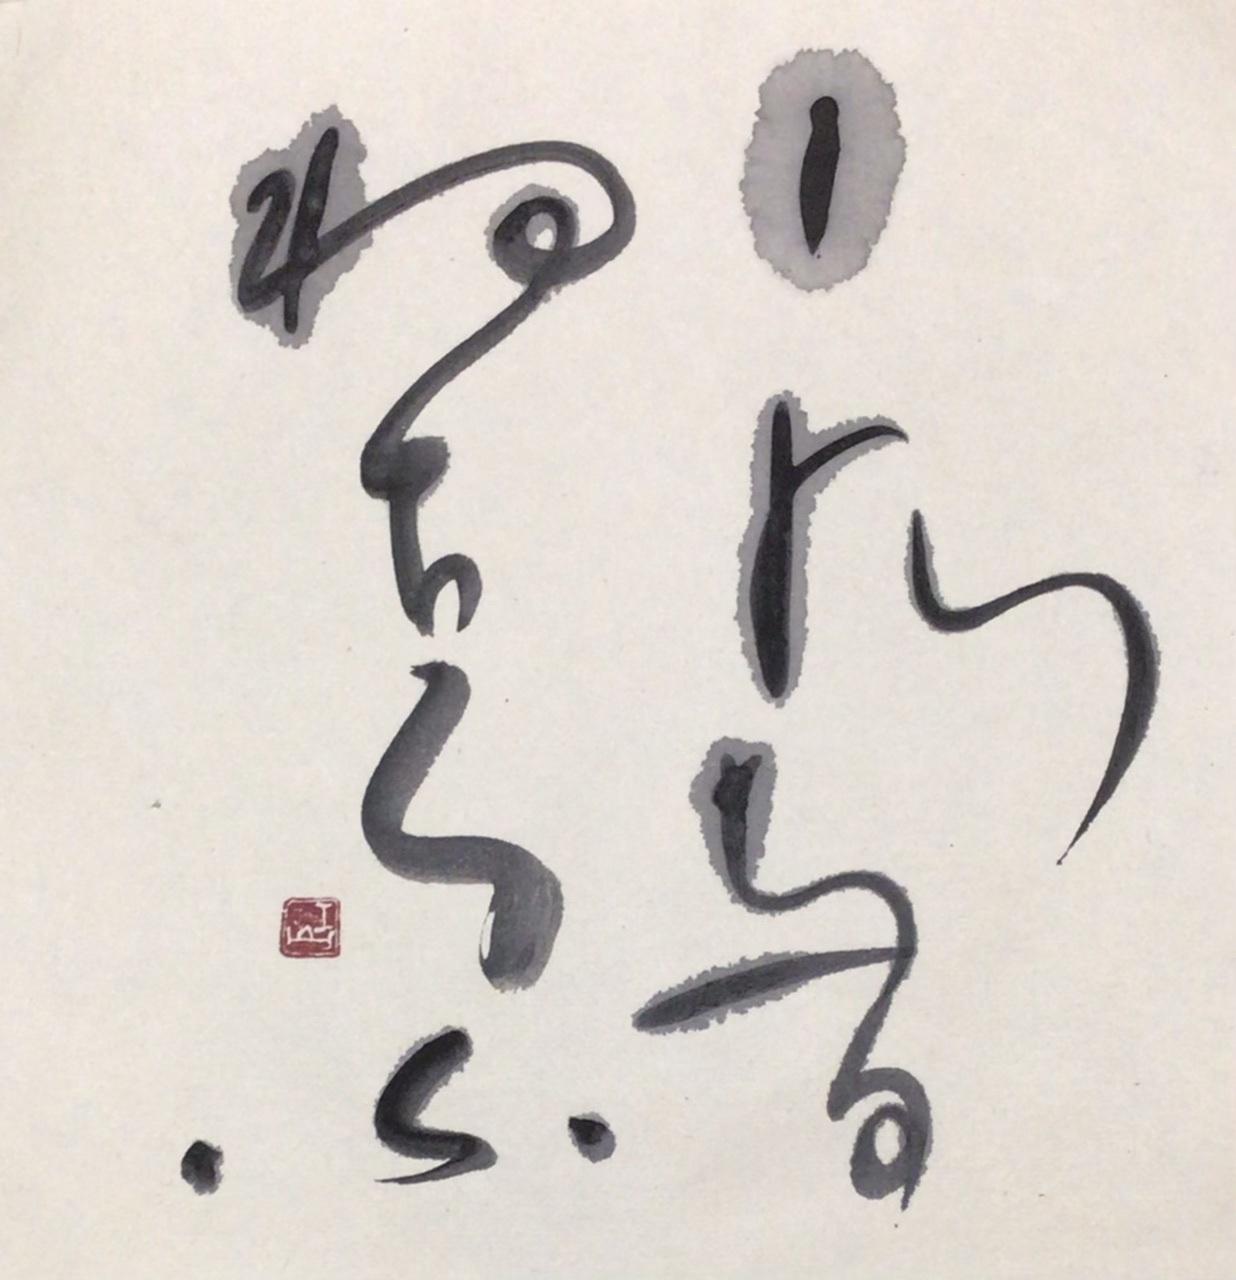 雲ひとつない青空(^O^)_b0075826_21585908.jpeg